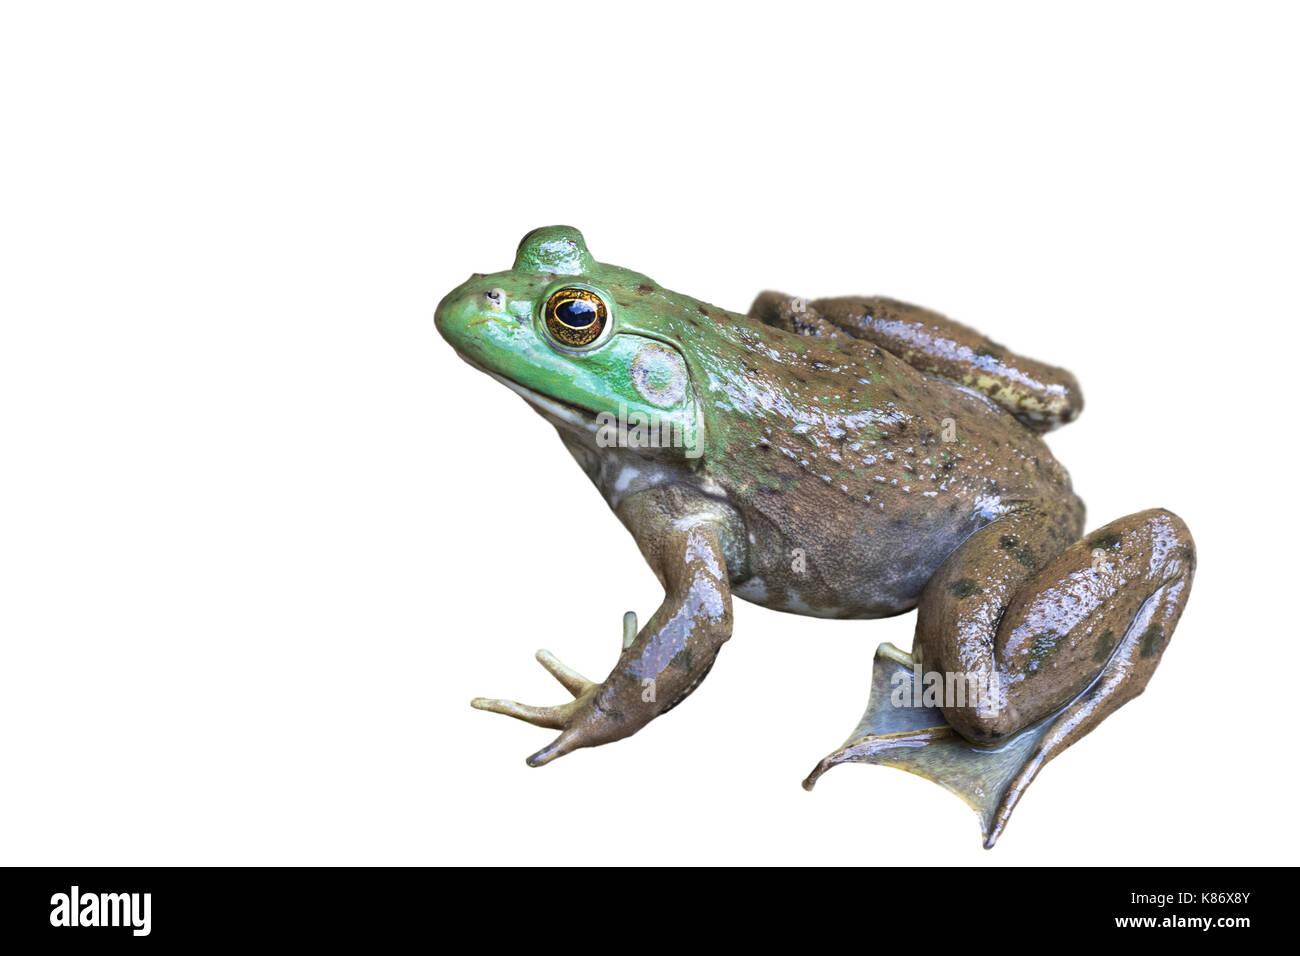 American bullfrog (Lithobates catesbeianus), isolated on white background Stock Photo